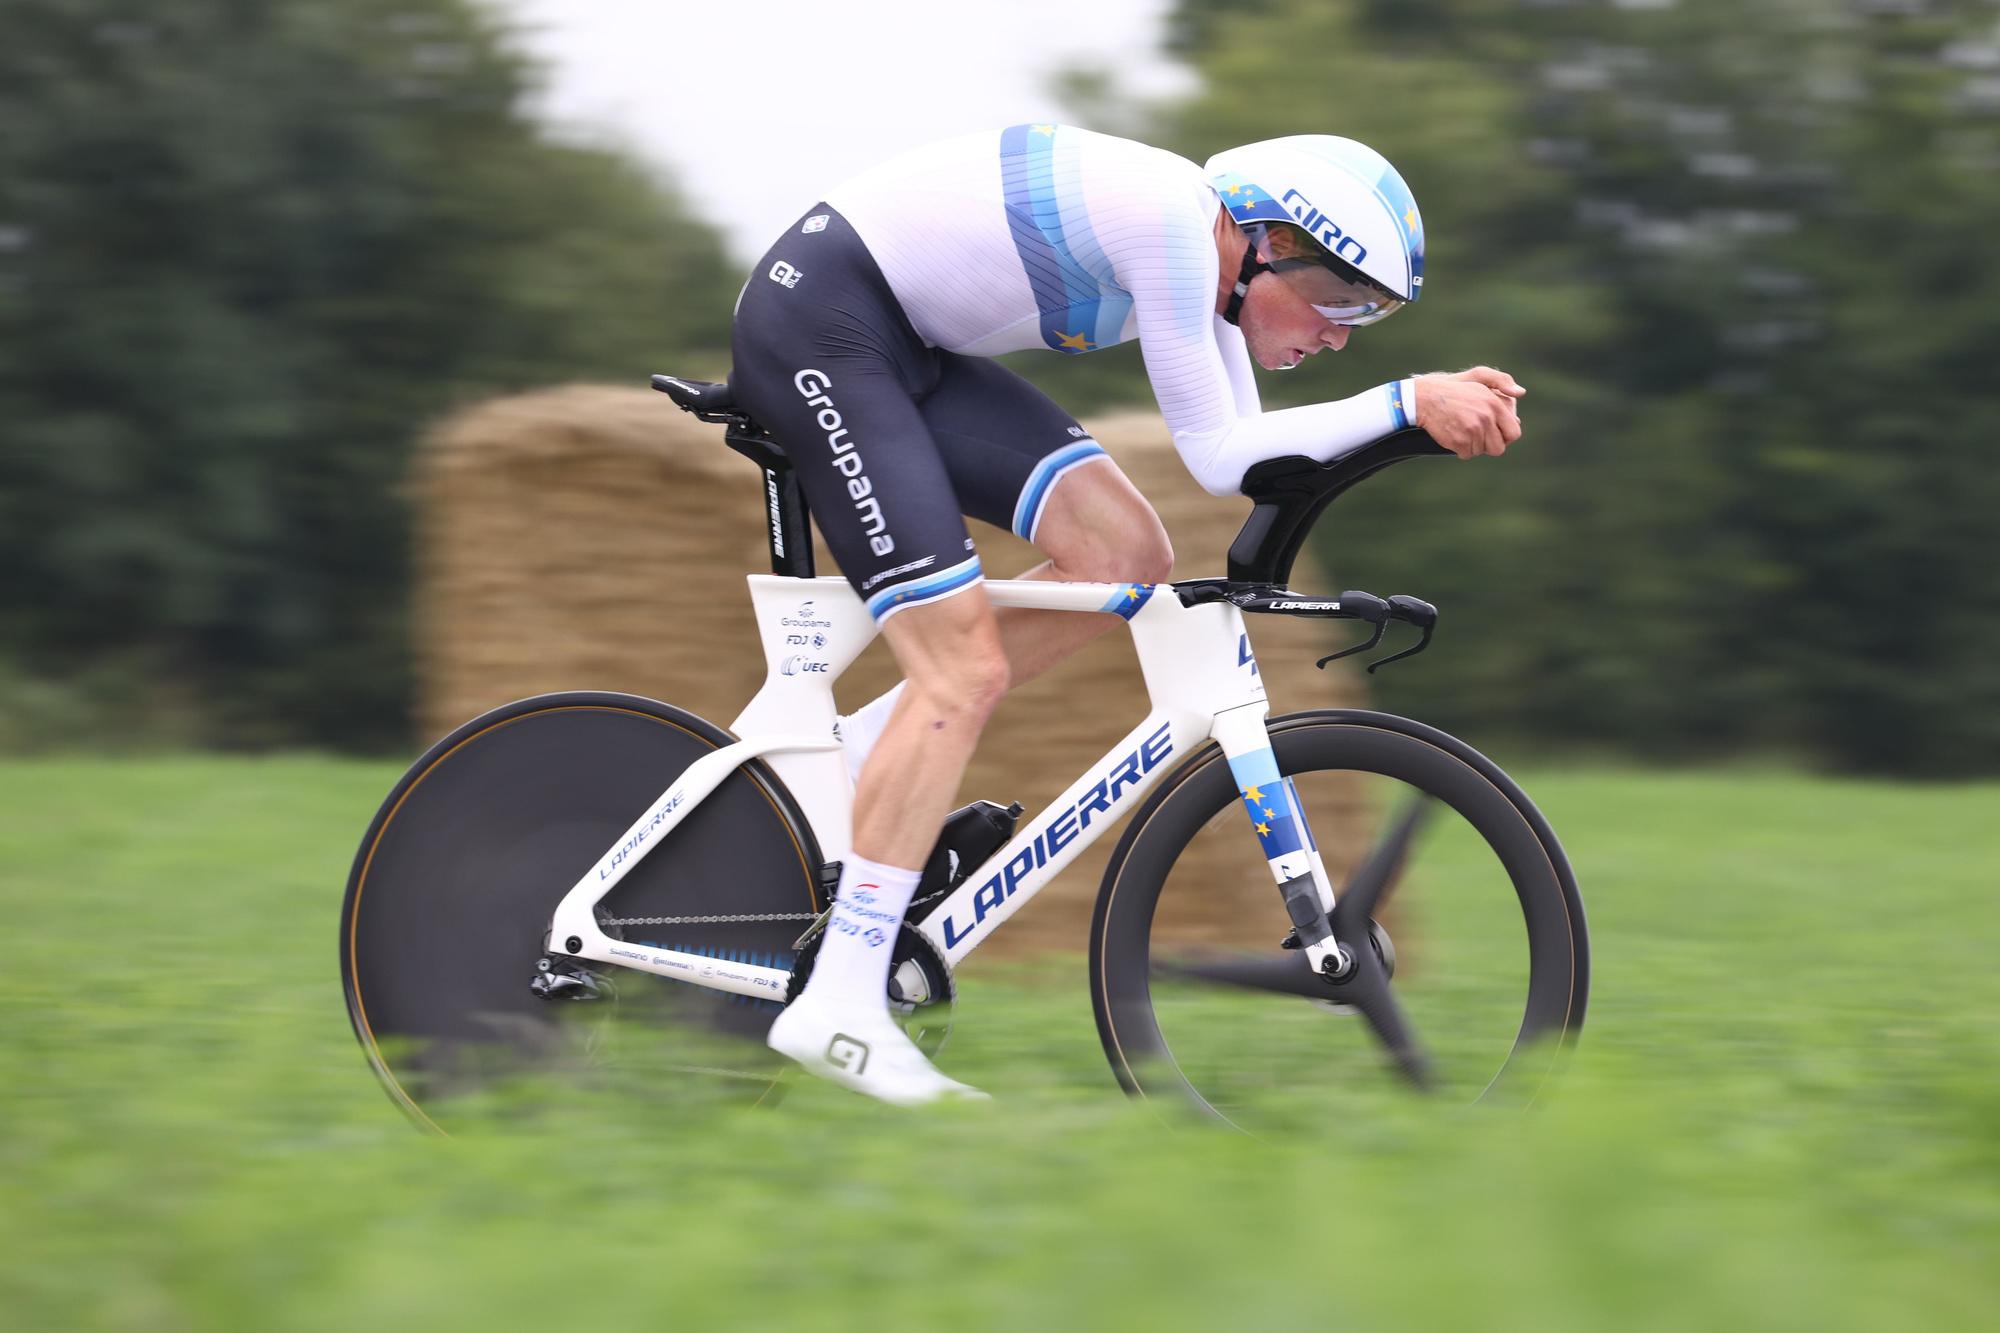 A Trente, la concurrence sera féroce pour Remco Evenepoel, notamment avec le champion d'Europe en titre, Stefan Küng, qui sera au même titre que son compatriote Stefan Bissegger, l'un des grands prétendants au titre. Il ne sera pas facile d'écarter les Suisses., belga